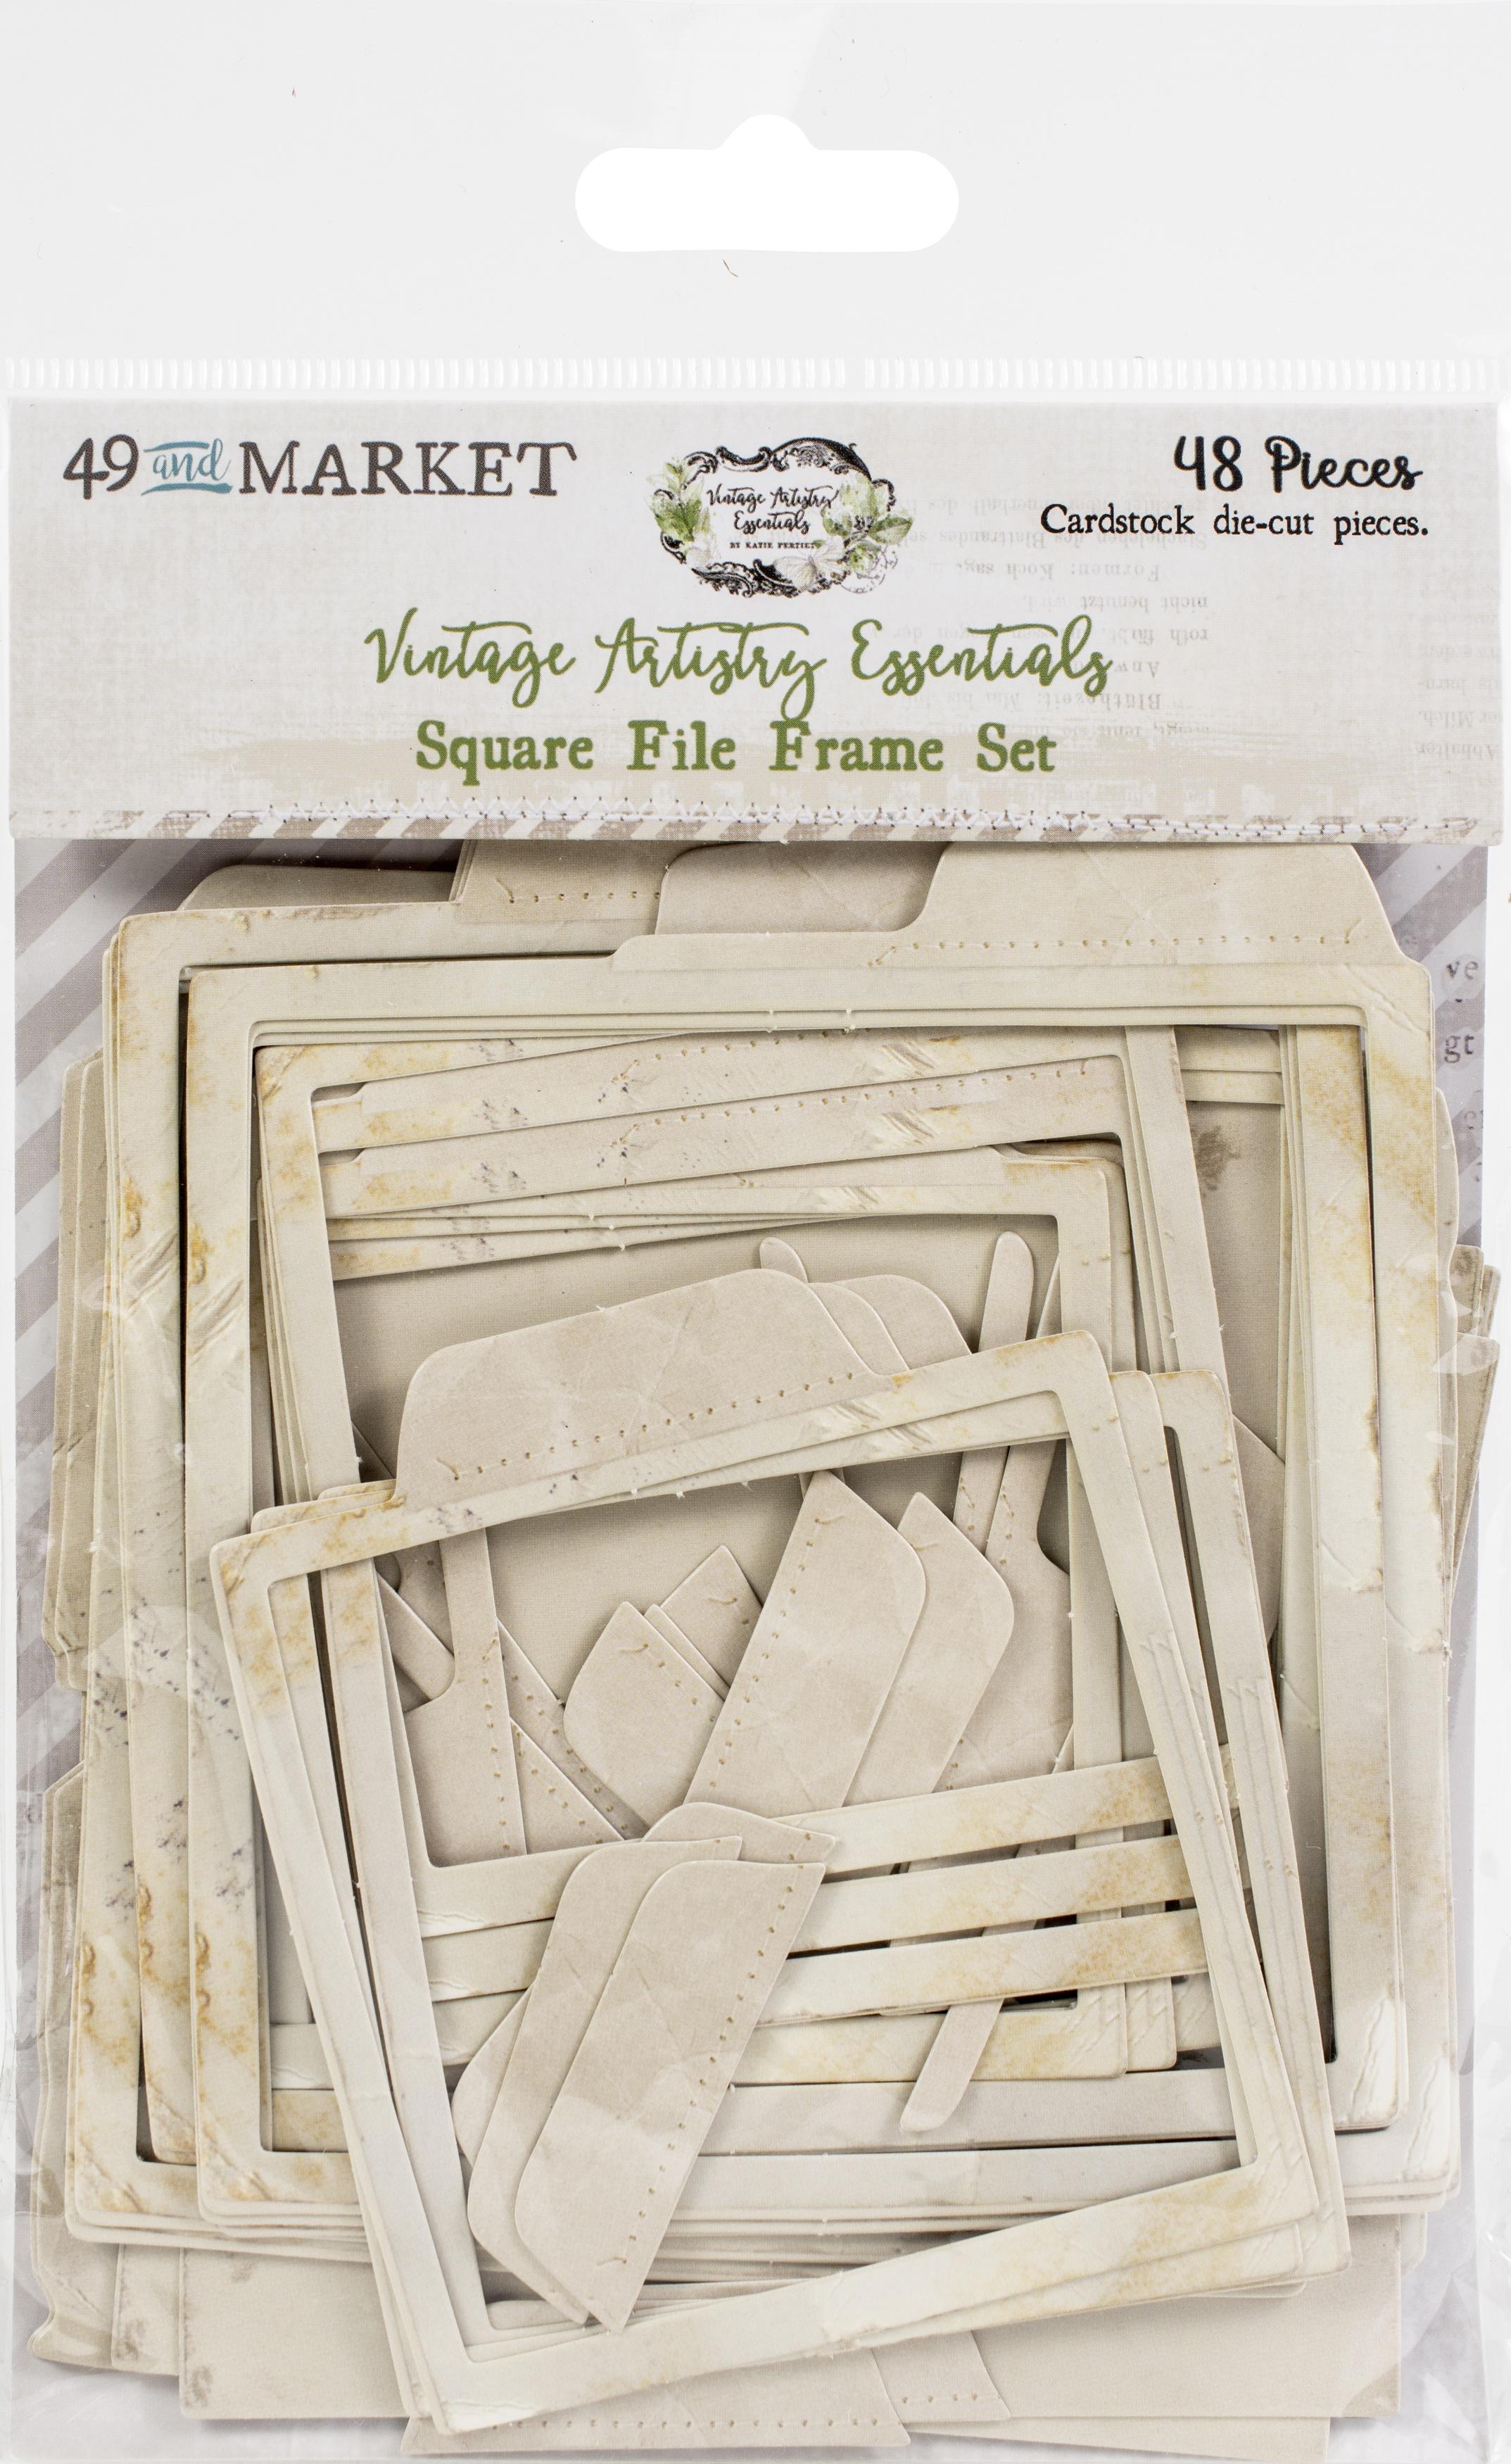 Vintage Artistry Essentials File Frame Set-Square